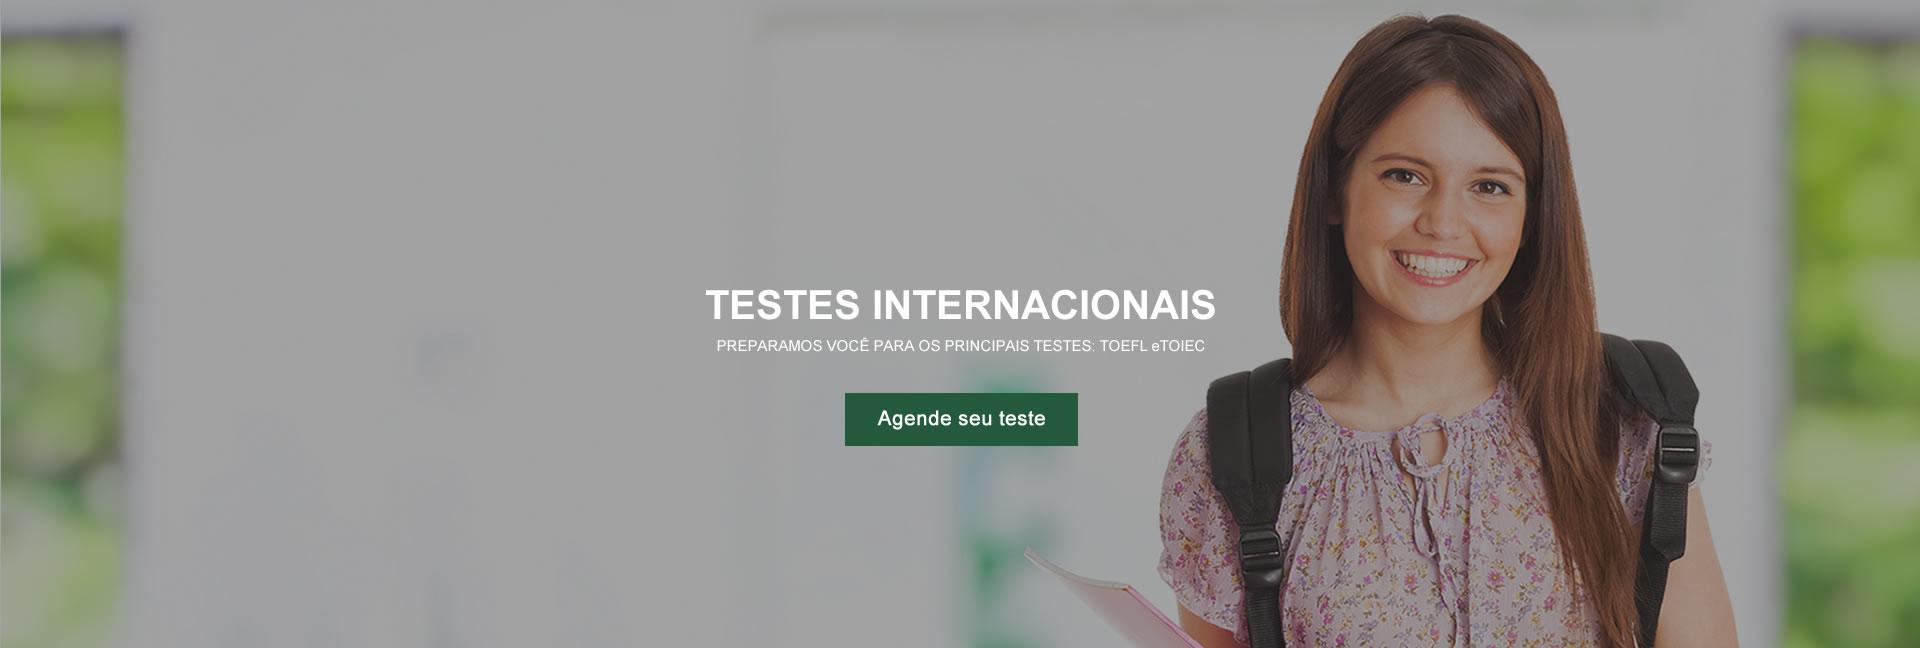 Testes internacionais